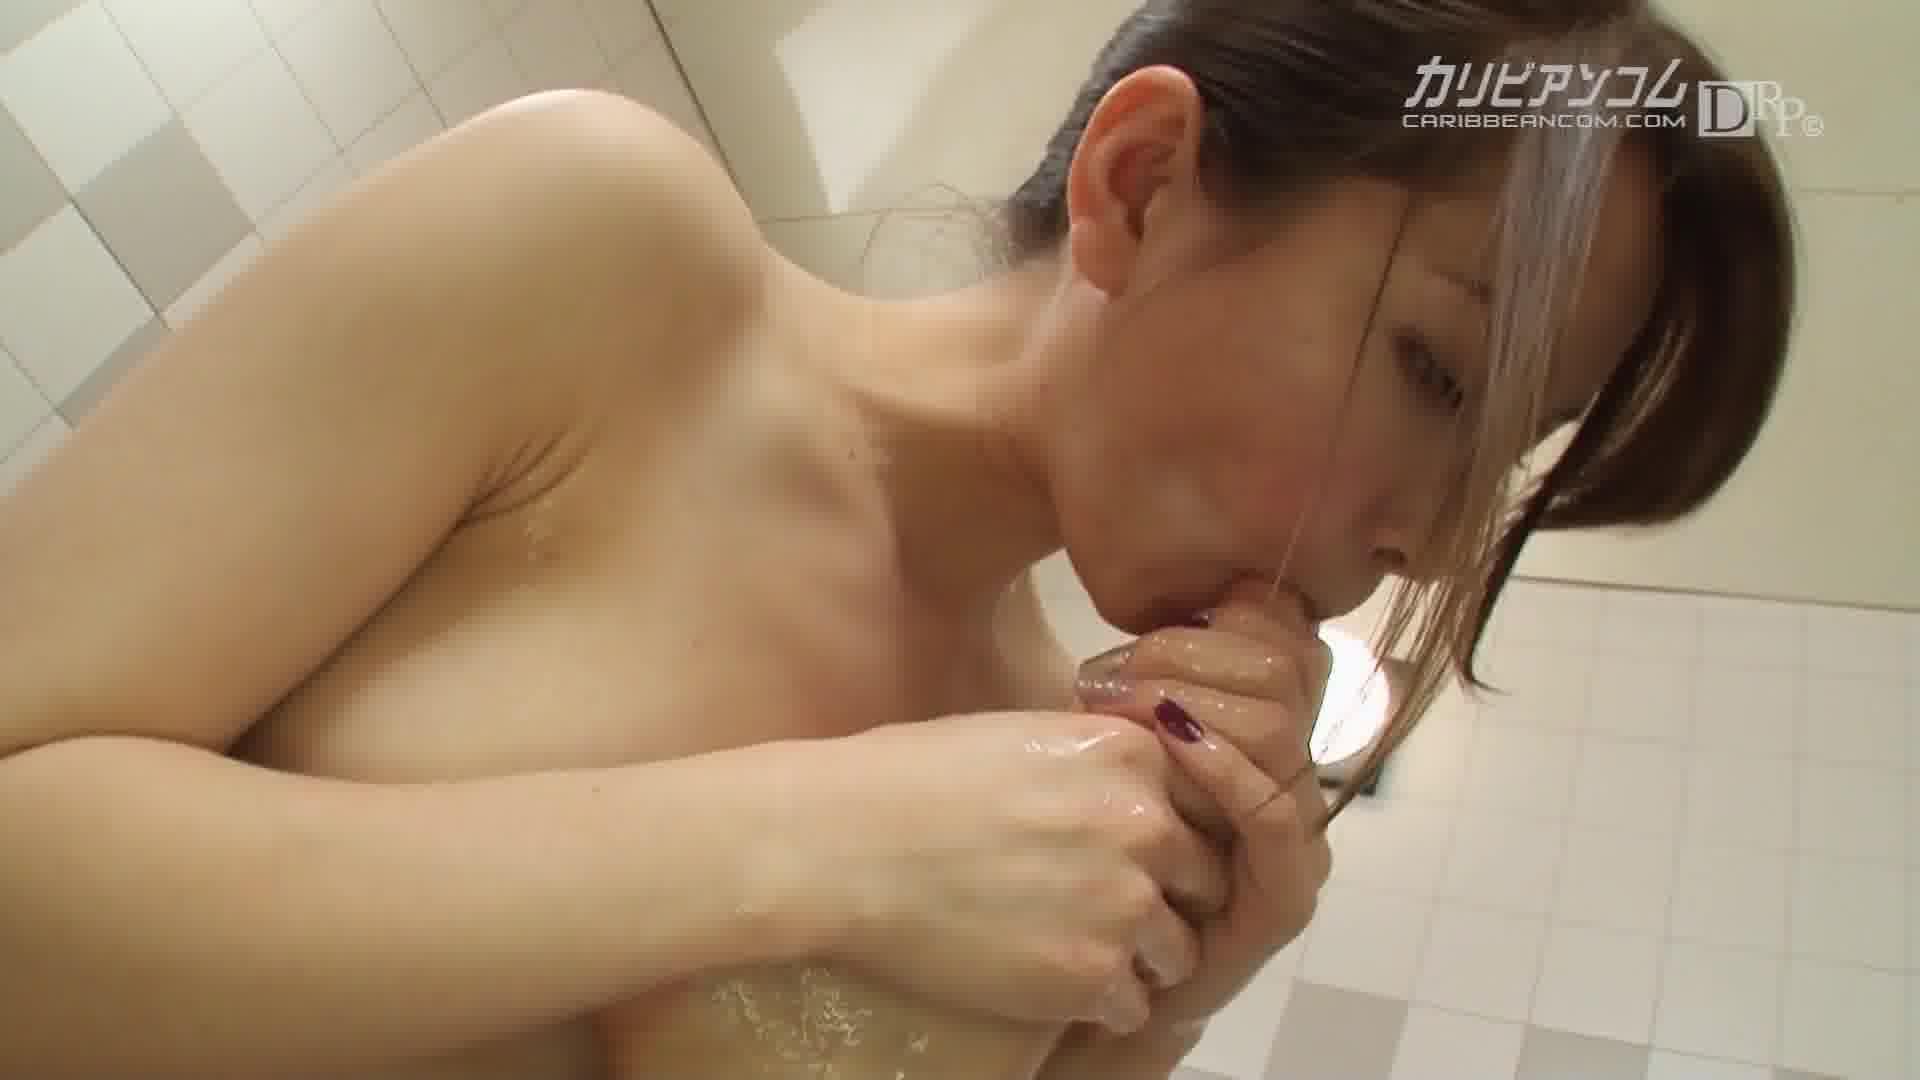 極上泡姫物語 Vol.32 - 葉山瞳【初裏・手コキ・スレンダー】